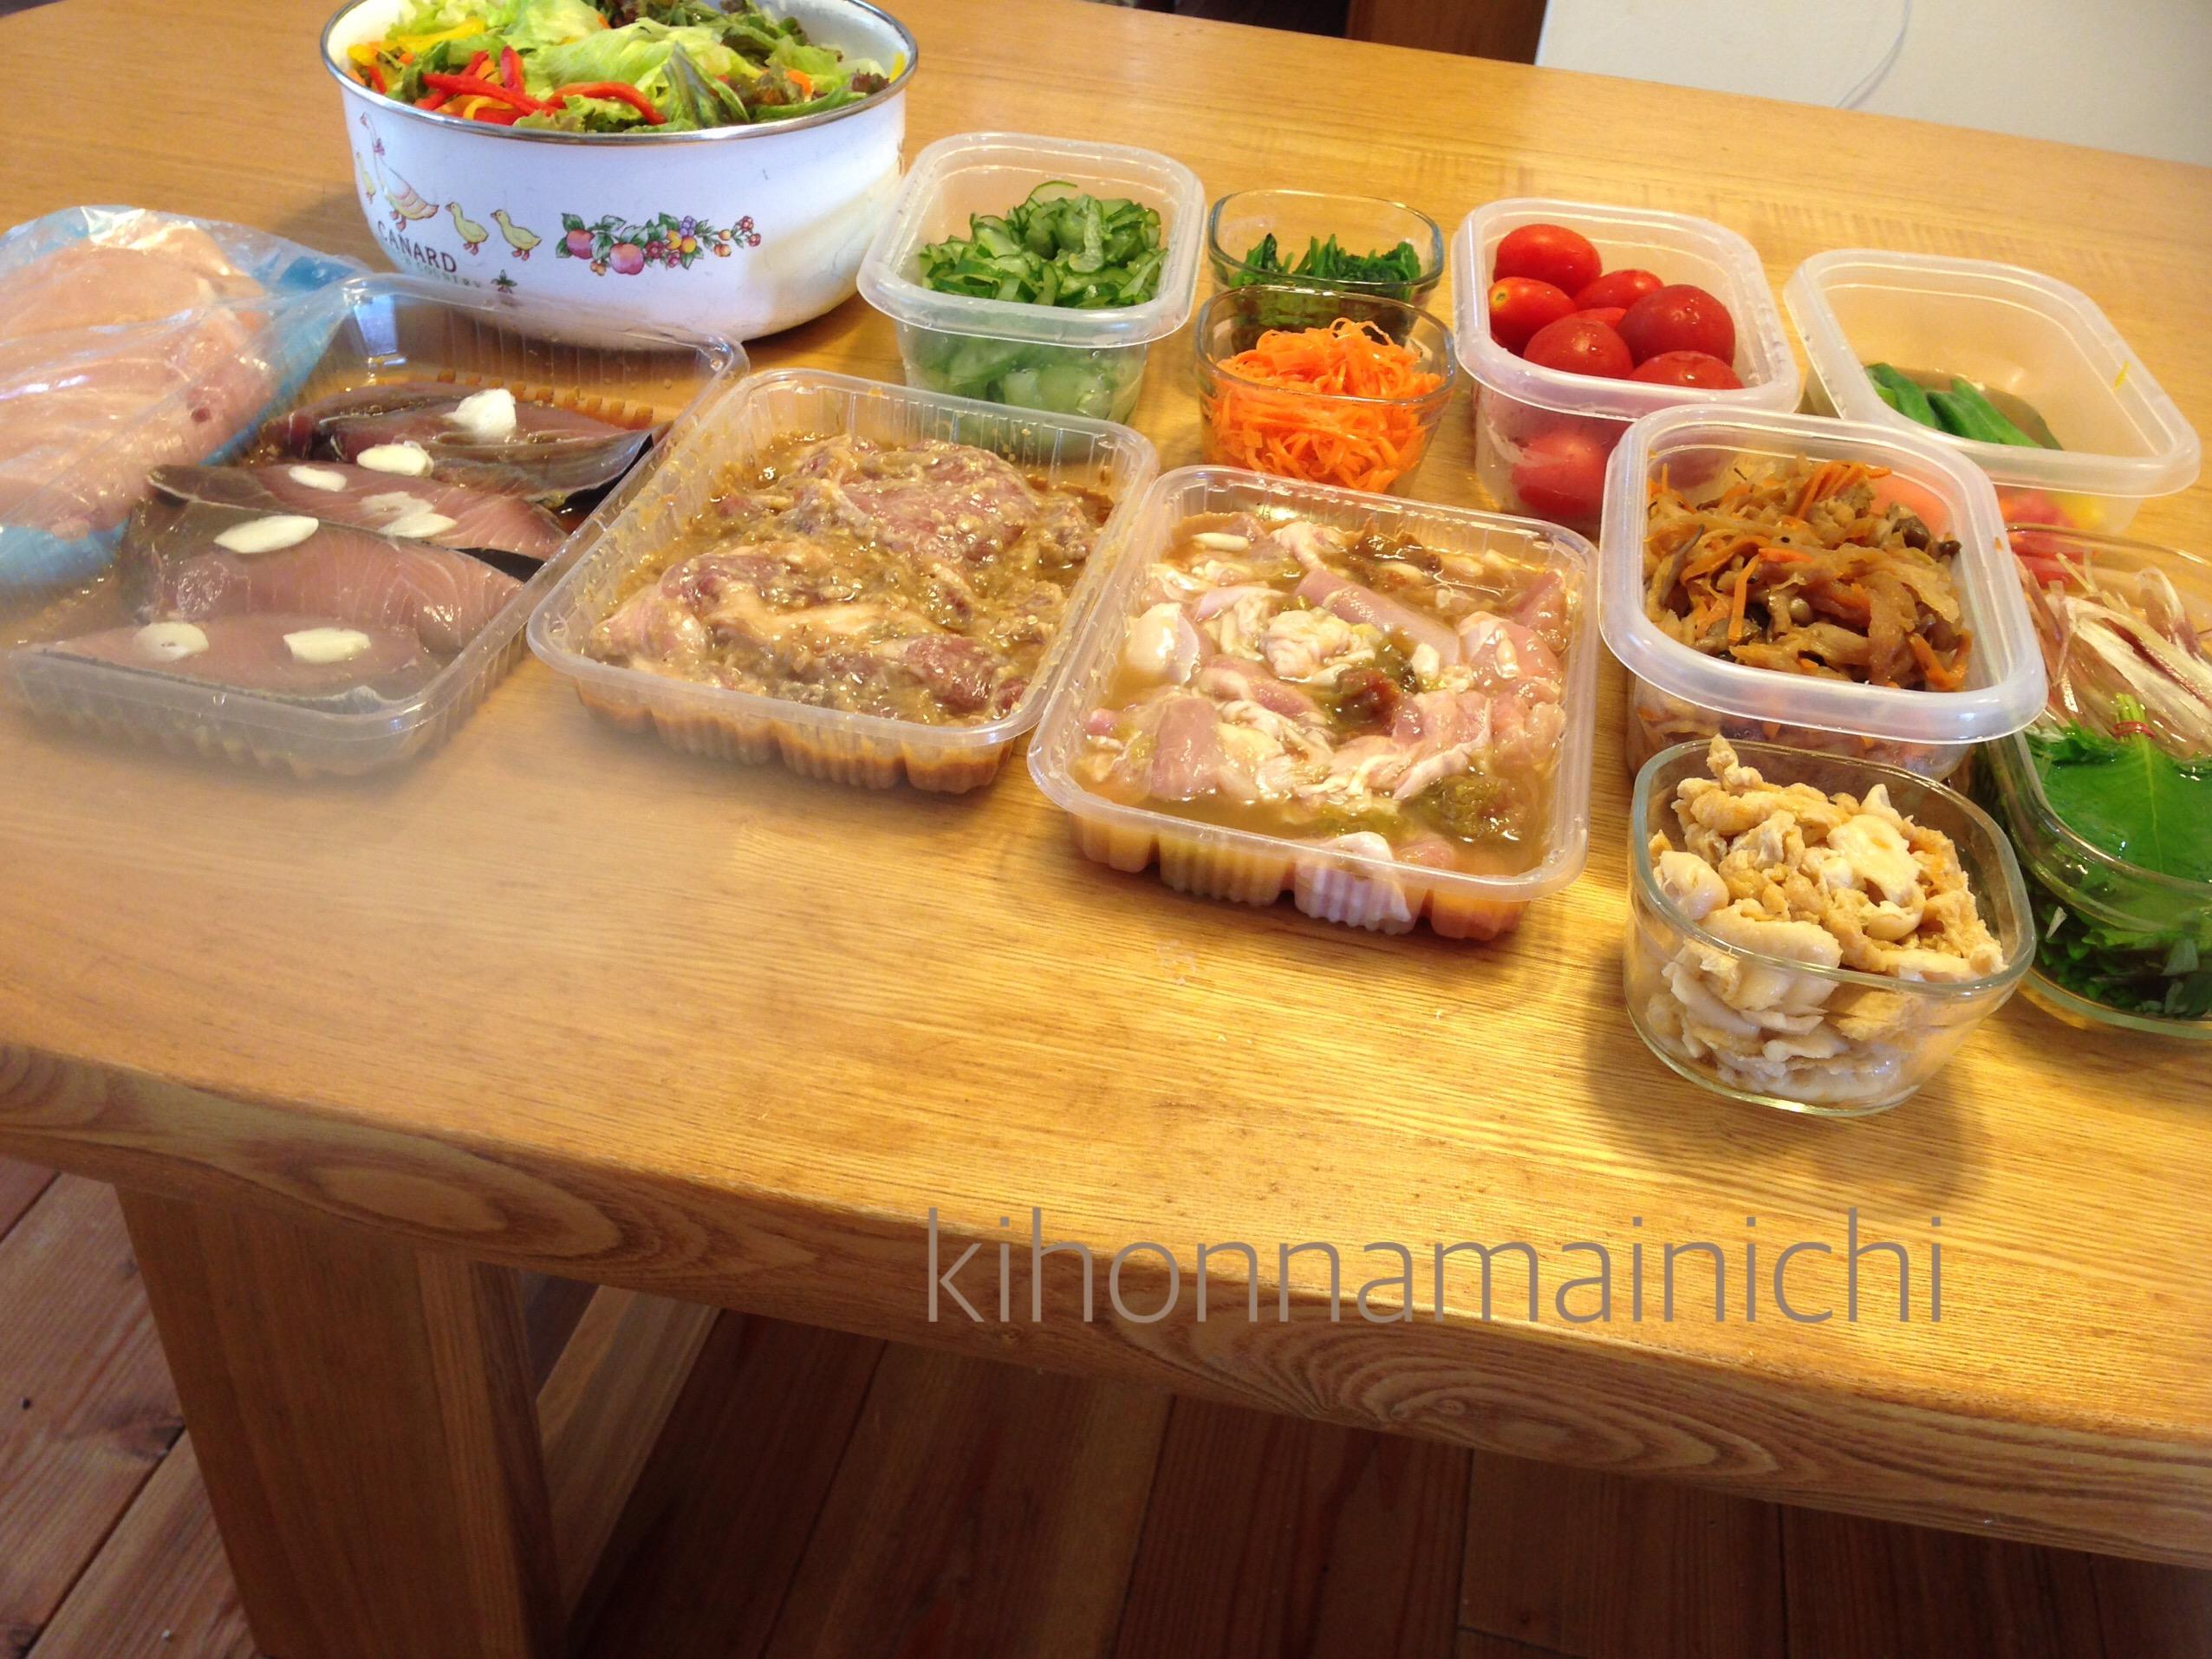 常備菜をつくる時間が楽しい家時間になるヒミツ